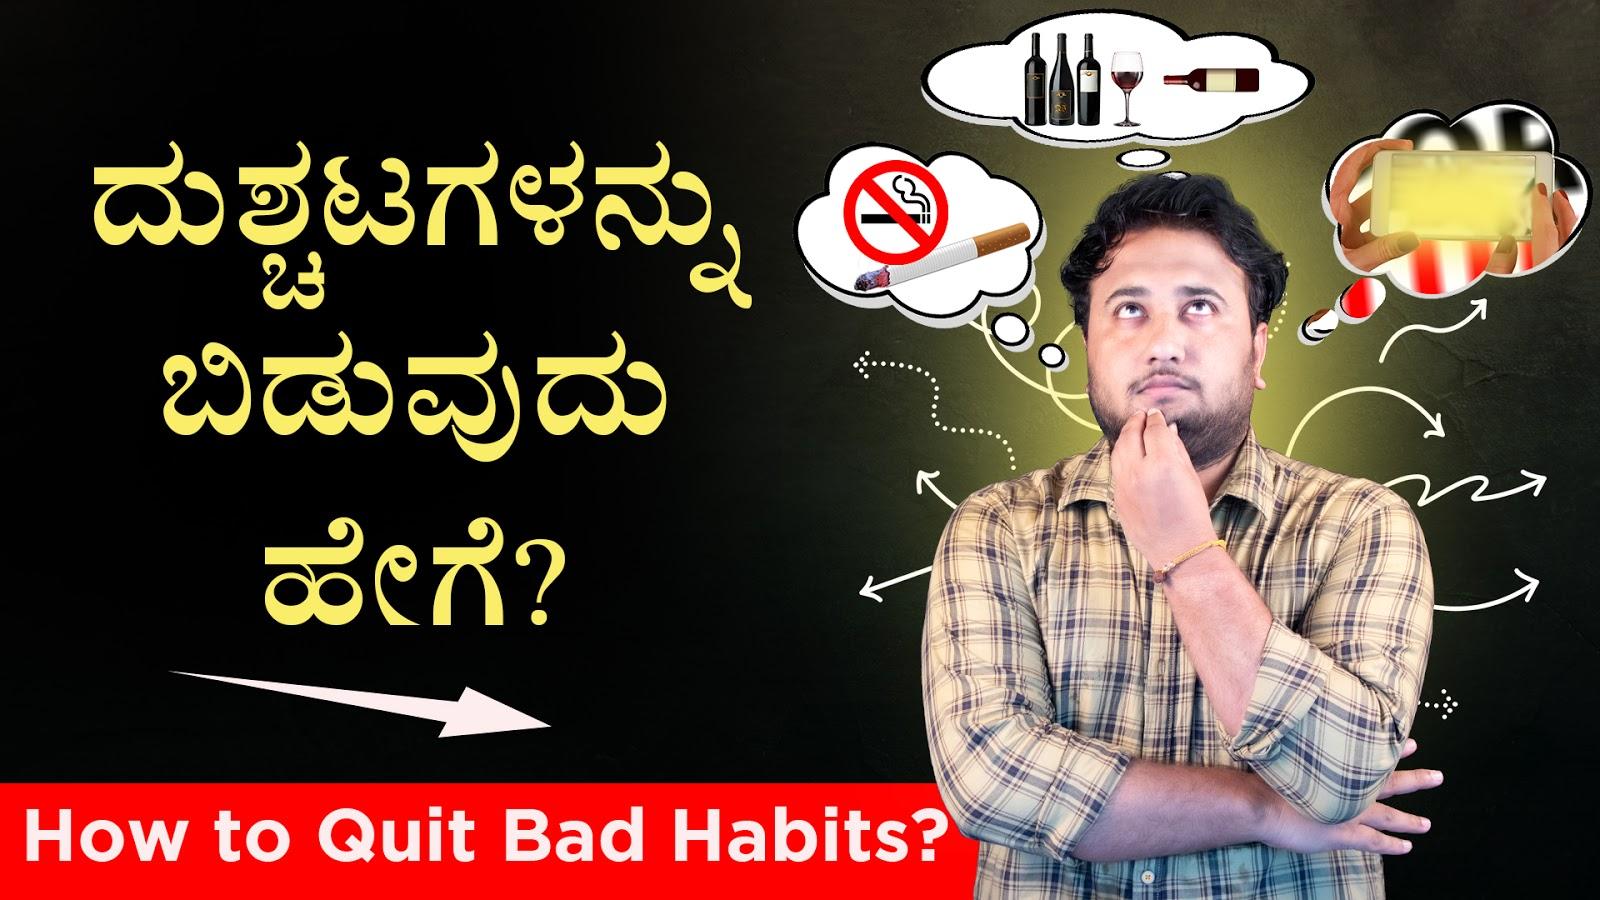 ದುಶ್ಚಟಗಳನ್ನು ಬಿಡುವುದು ಹೇಗೆ? How to quit bad habits?